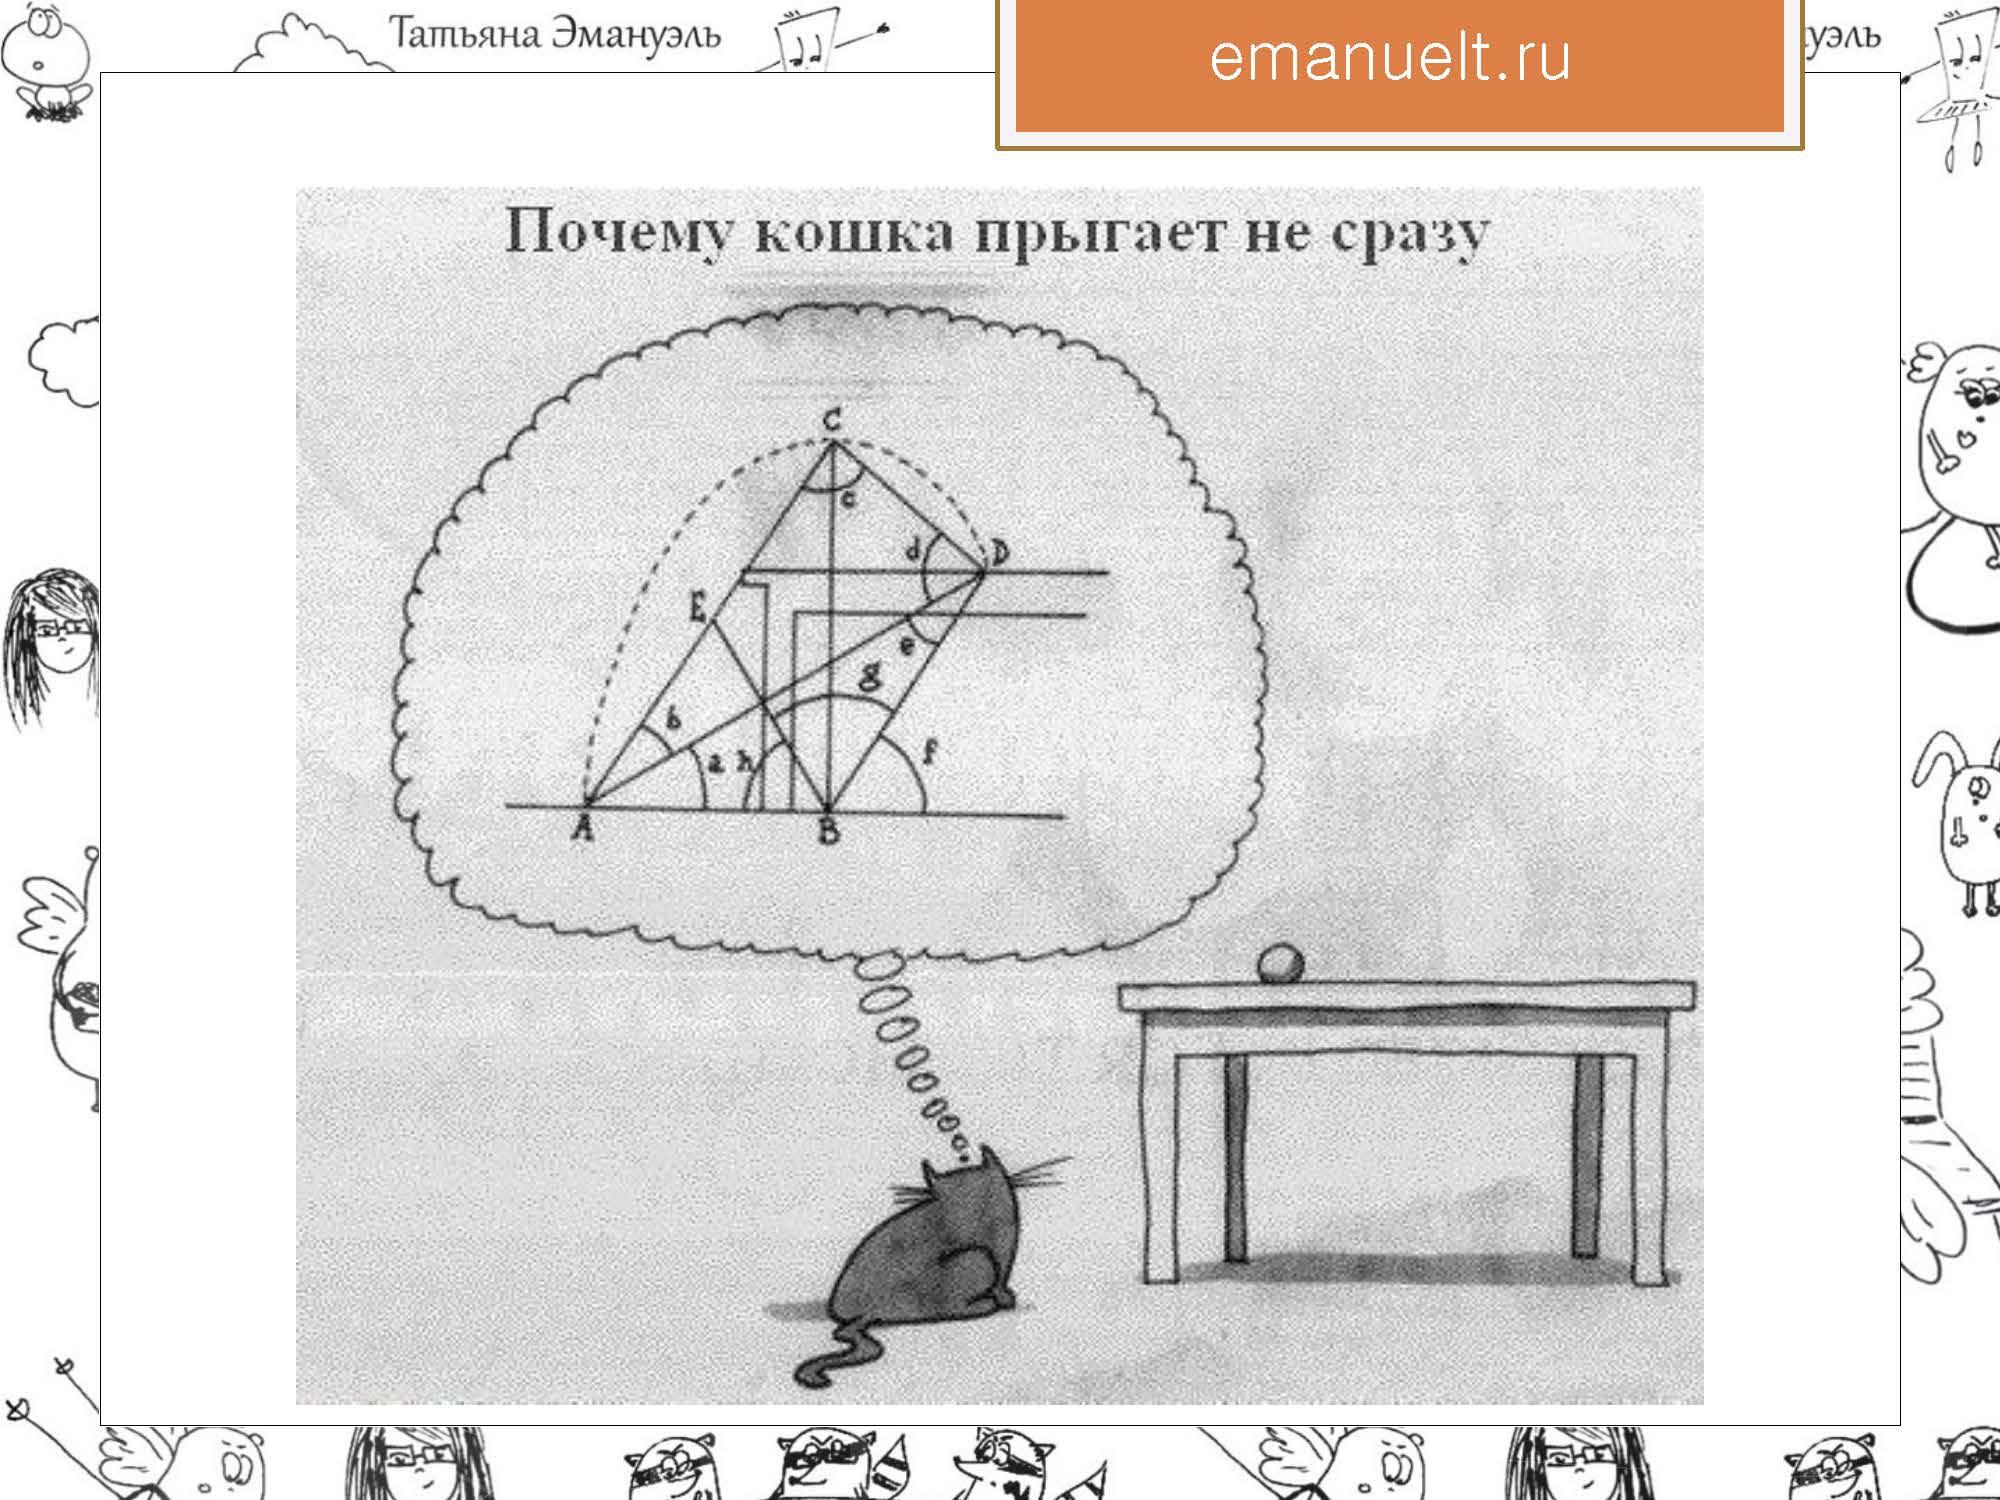 проектный эмануэль_Страница_71